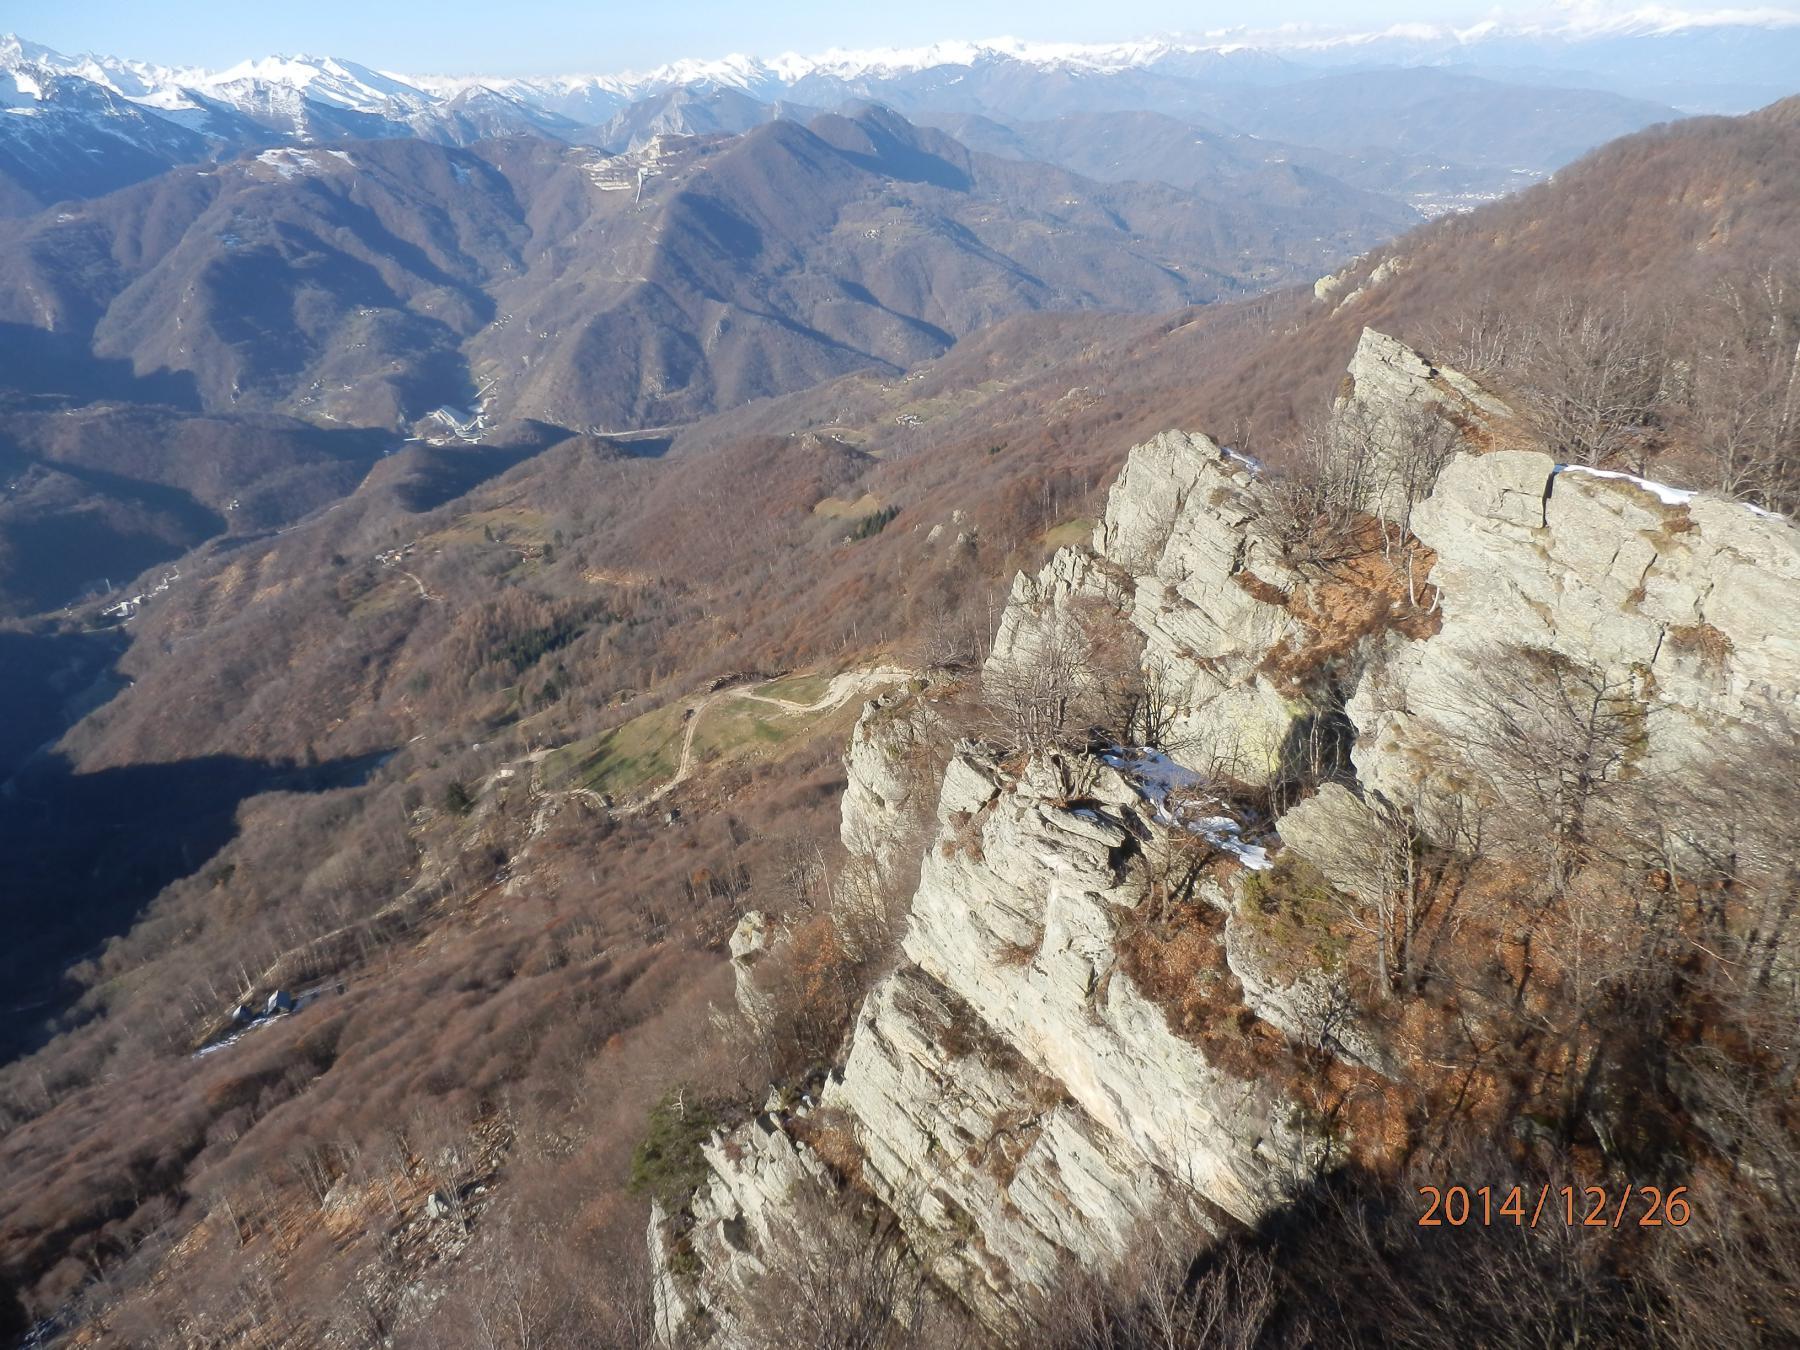 vista d'infilata delle cime rocciose dalla sommità di una intermedia